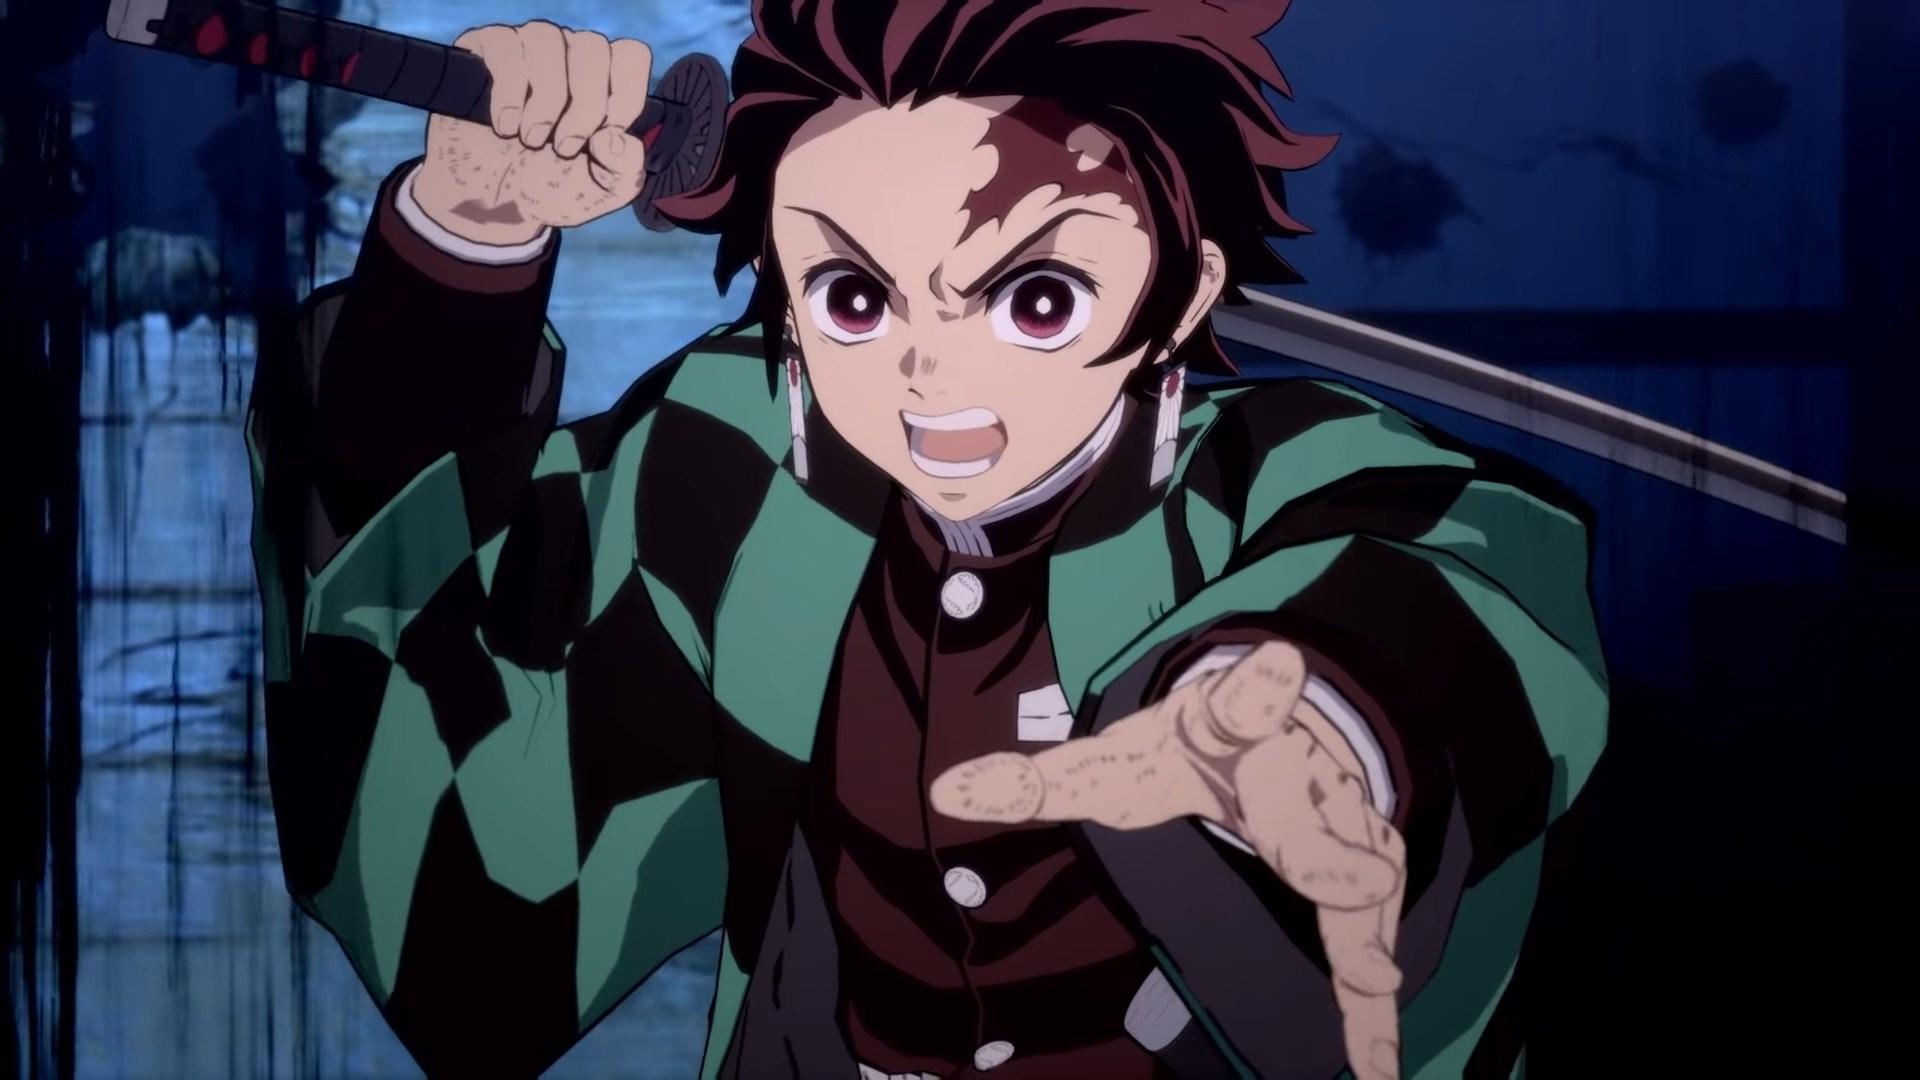 Demon Slayer Kimetsu no Yaiba - The Hinokami Chronicles